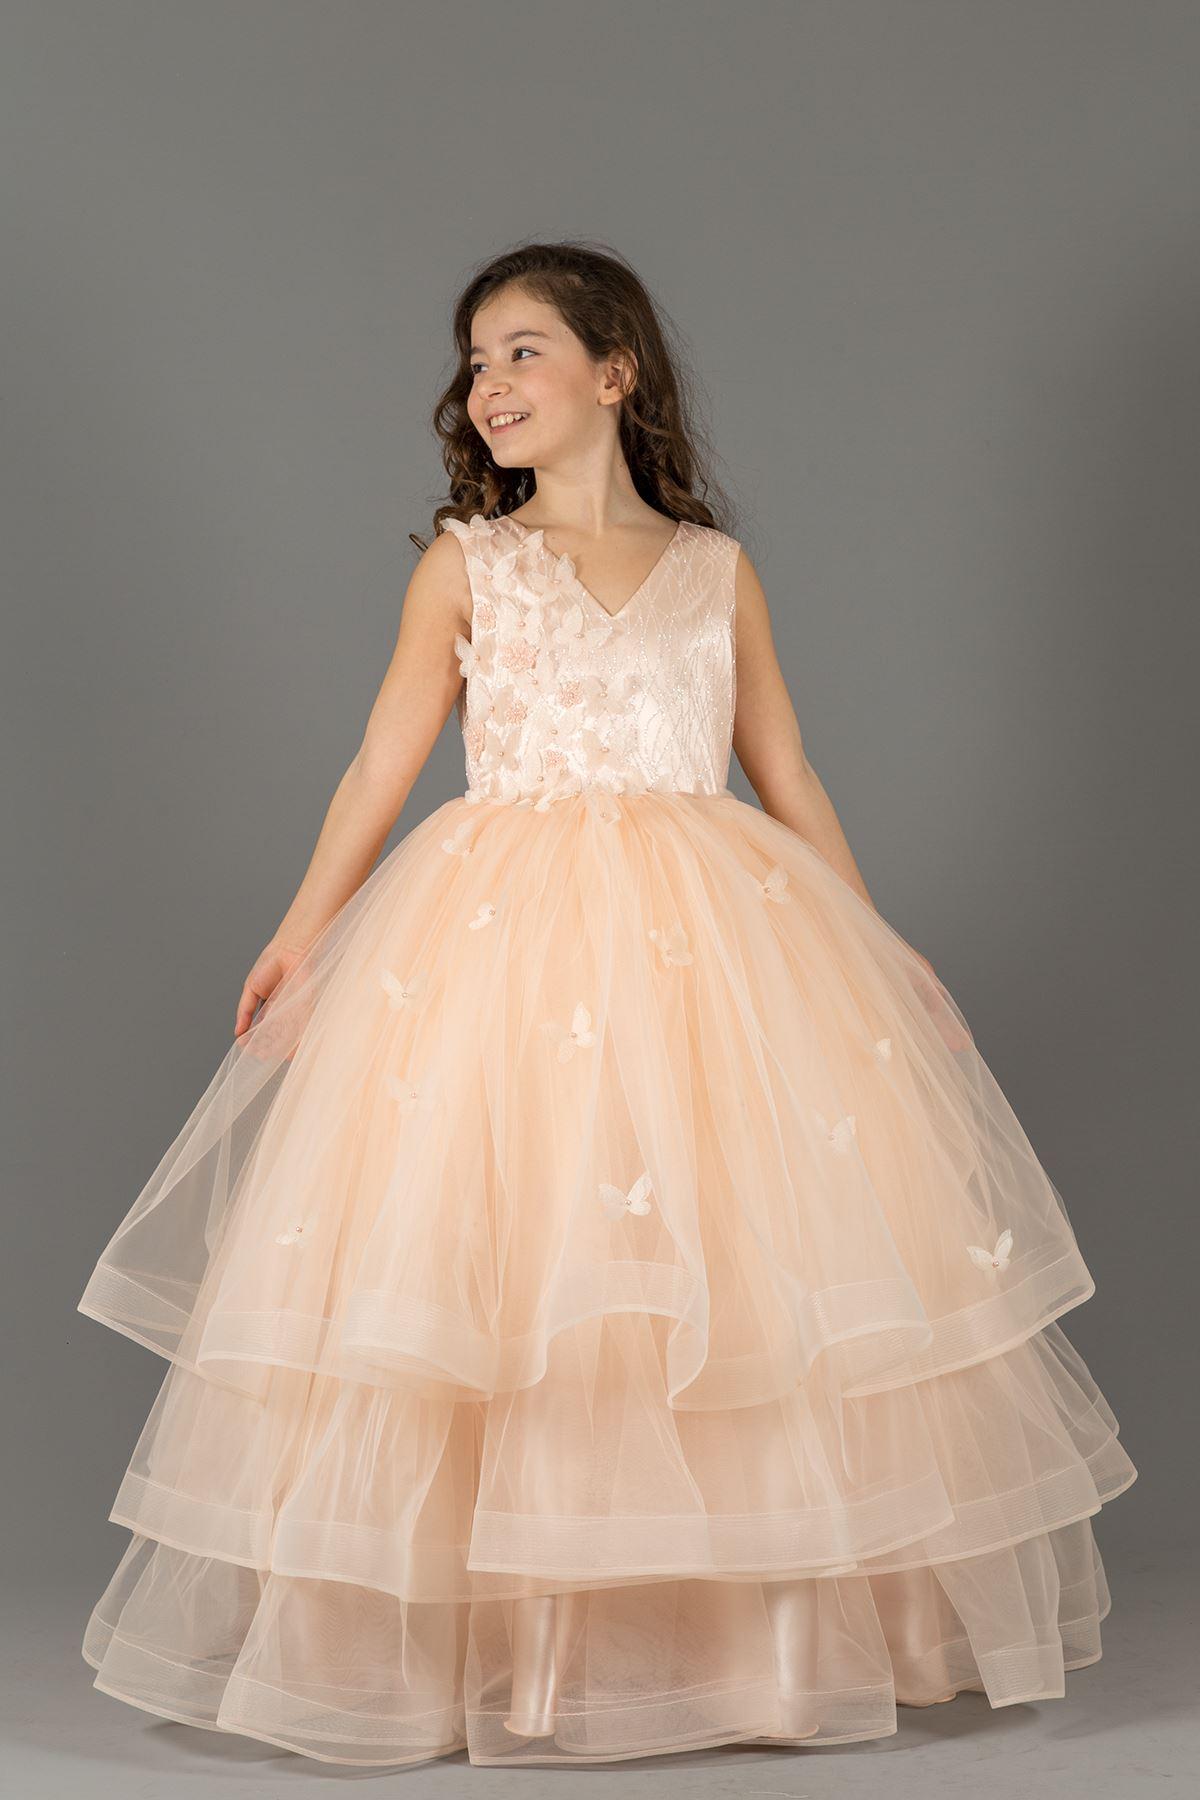 Пухкава вечерна рокля момиче 586 сьомга с многослойна пола подробно, 3-измерно цвете, сребристо тяло детайл